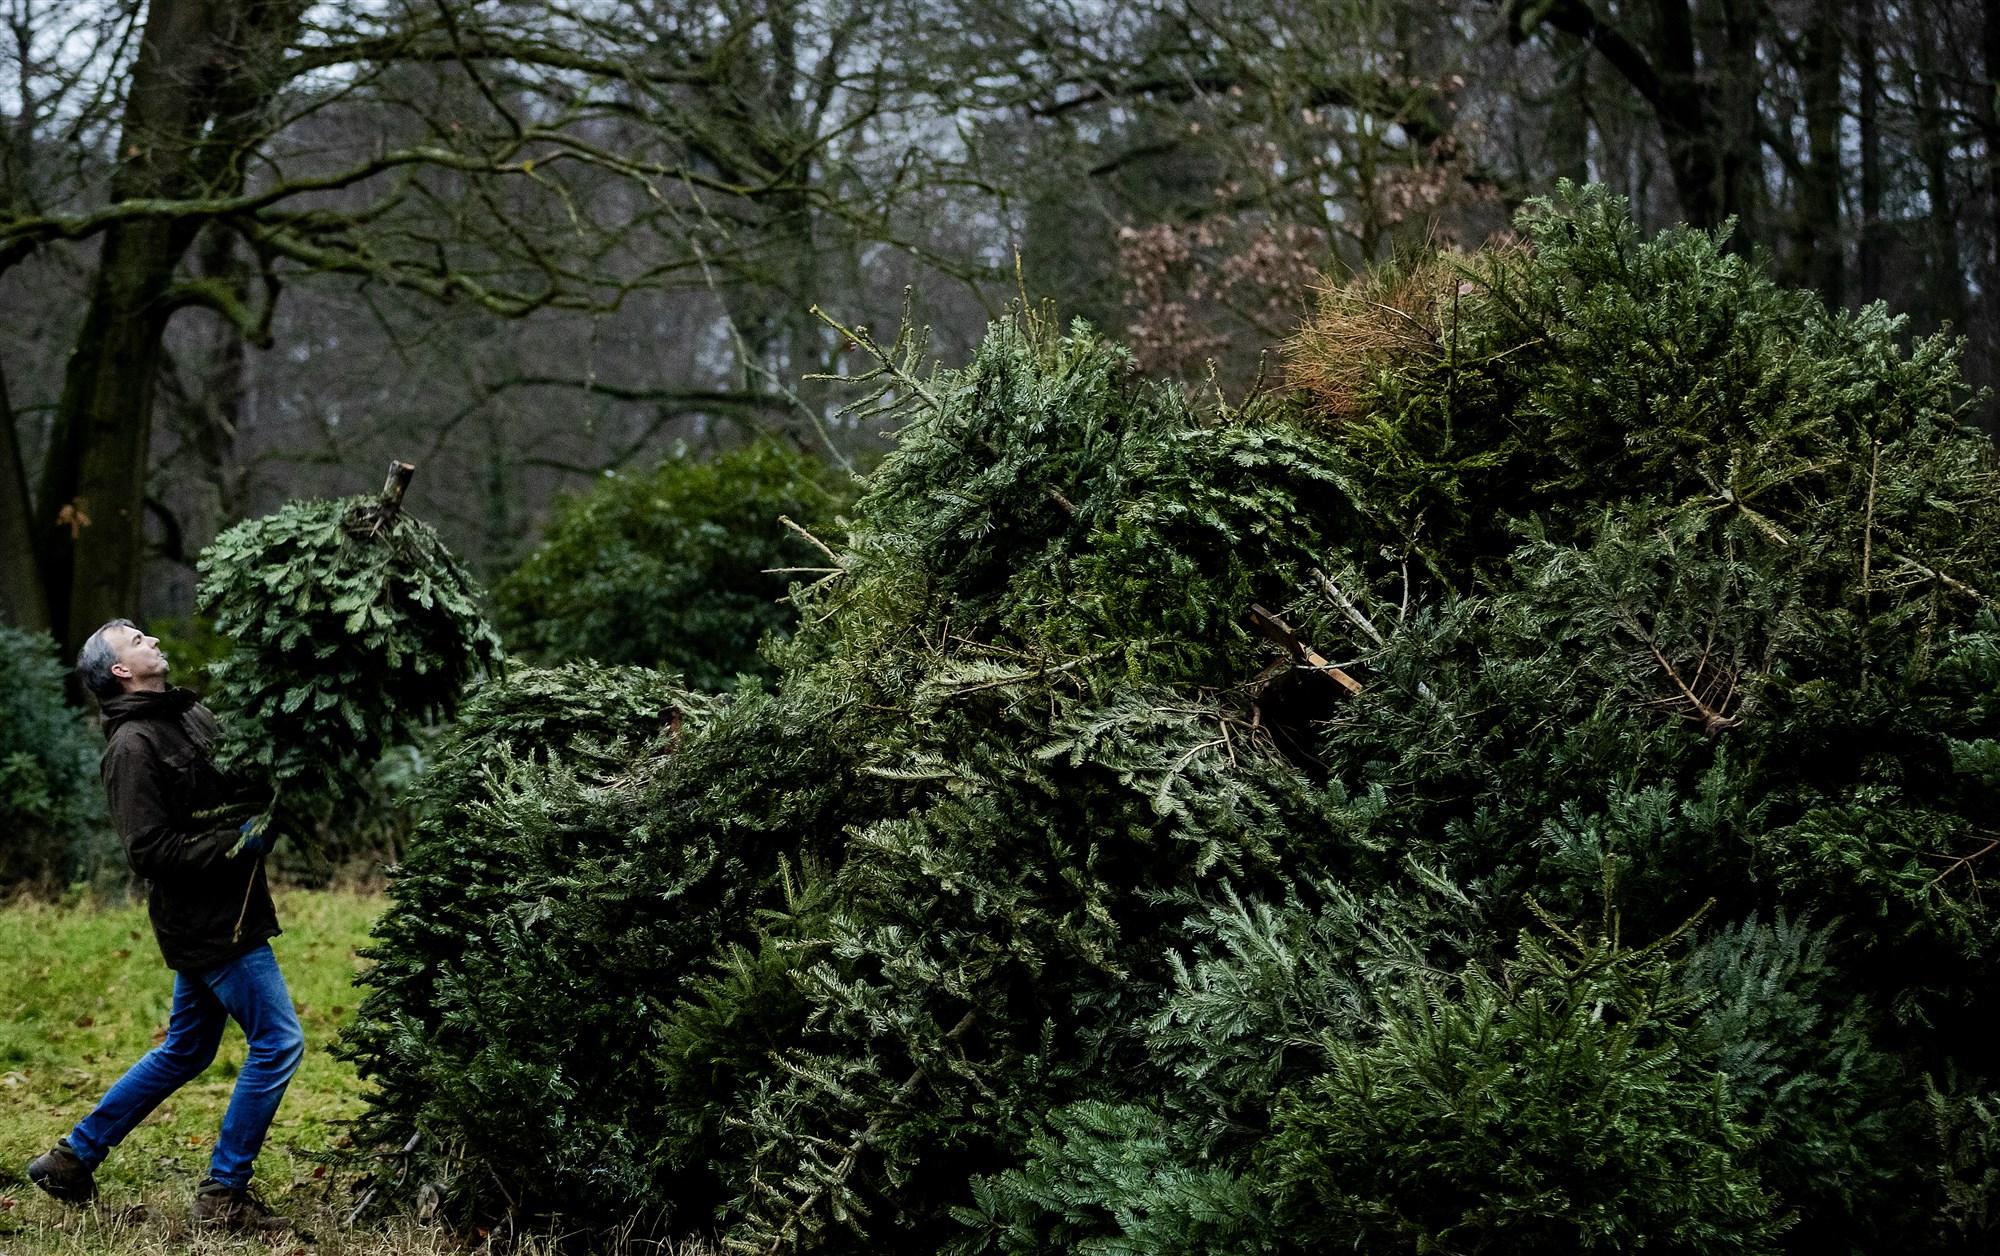 kerstboom inleveren harderwijk ermelo putten 2021 kerstbomen weggooien